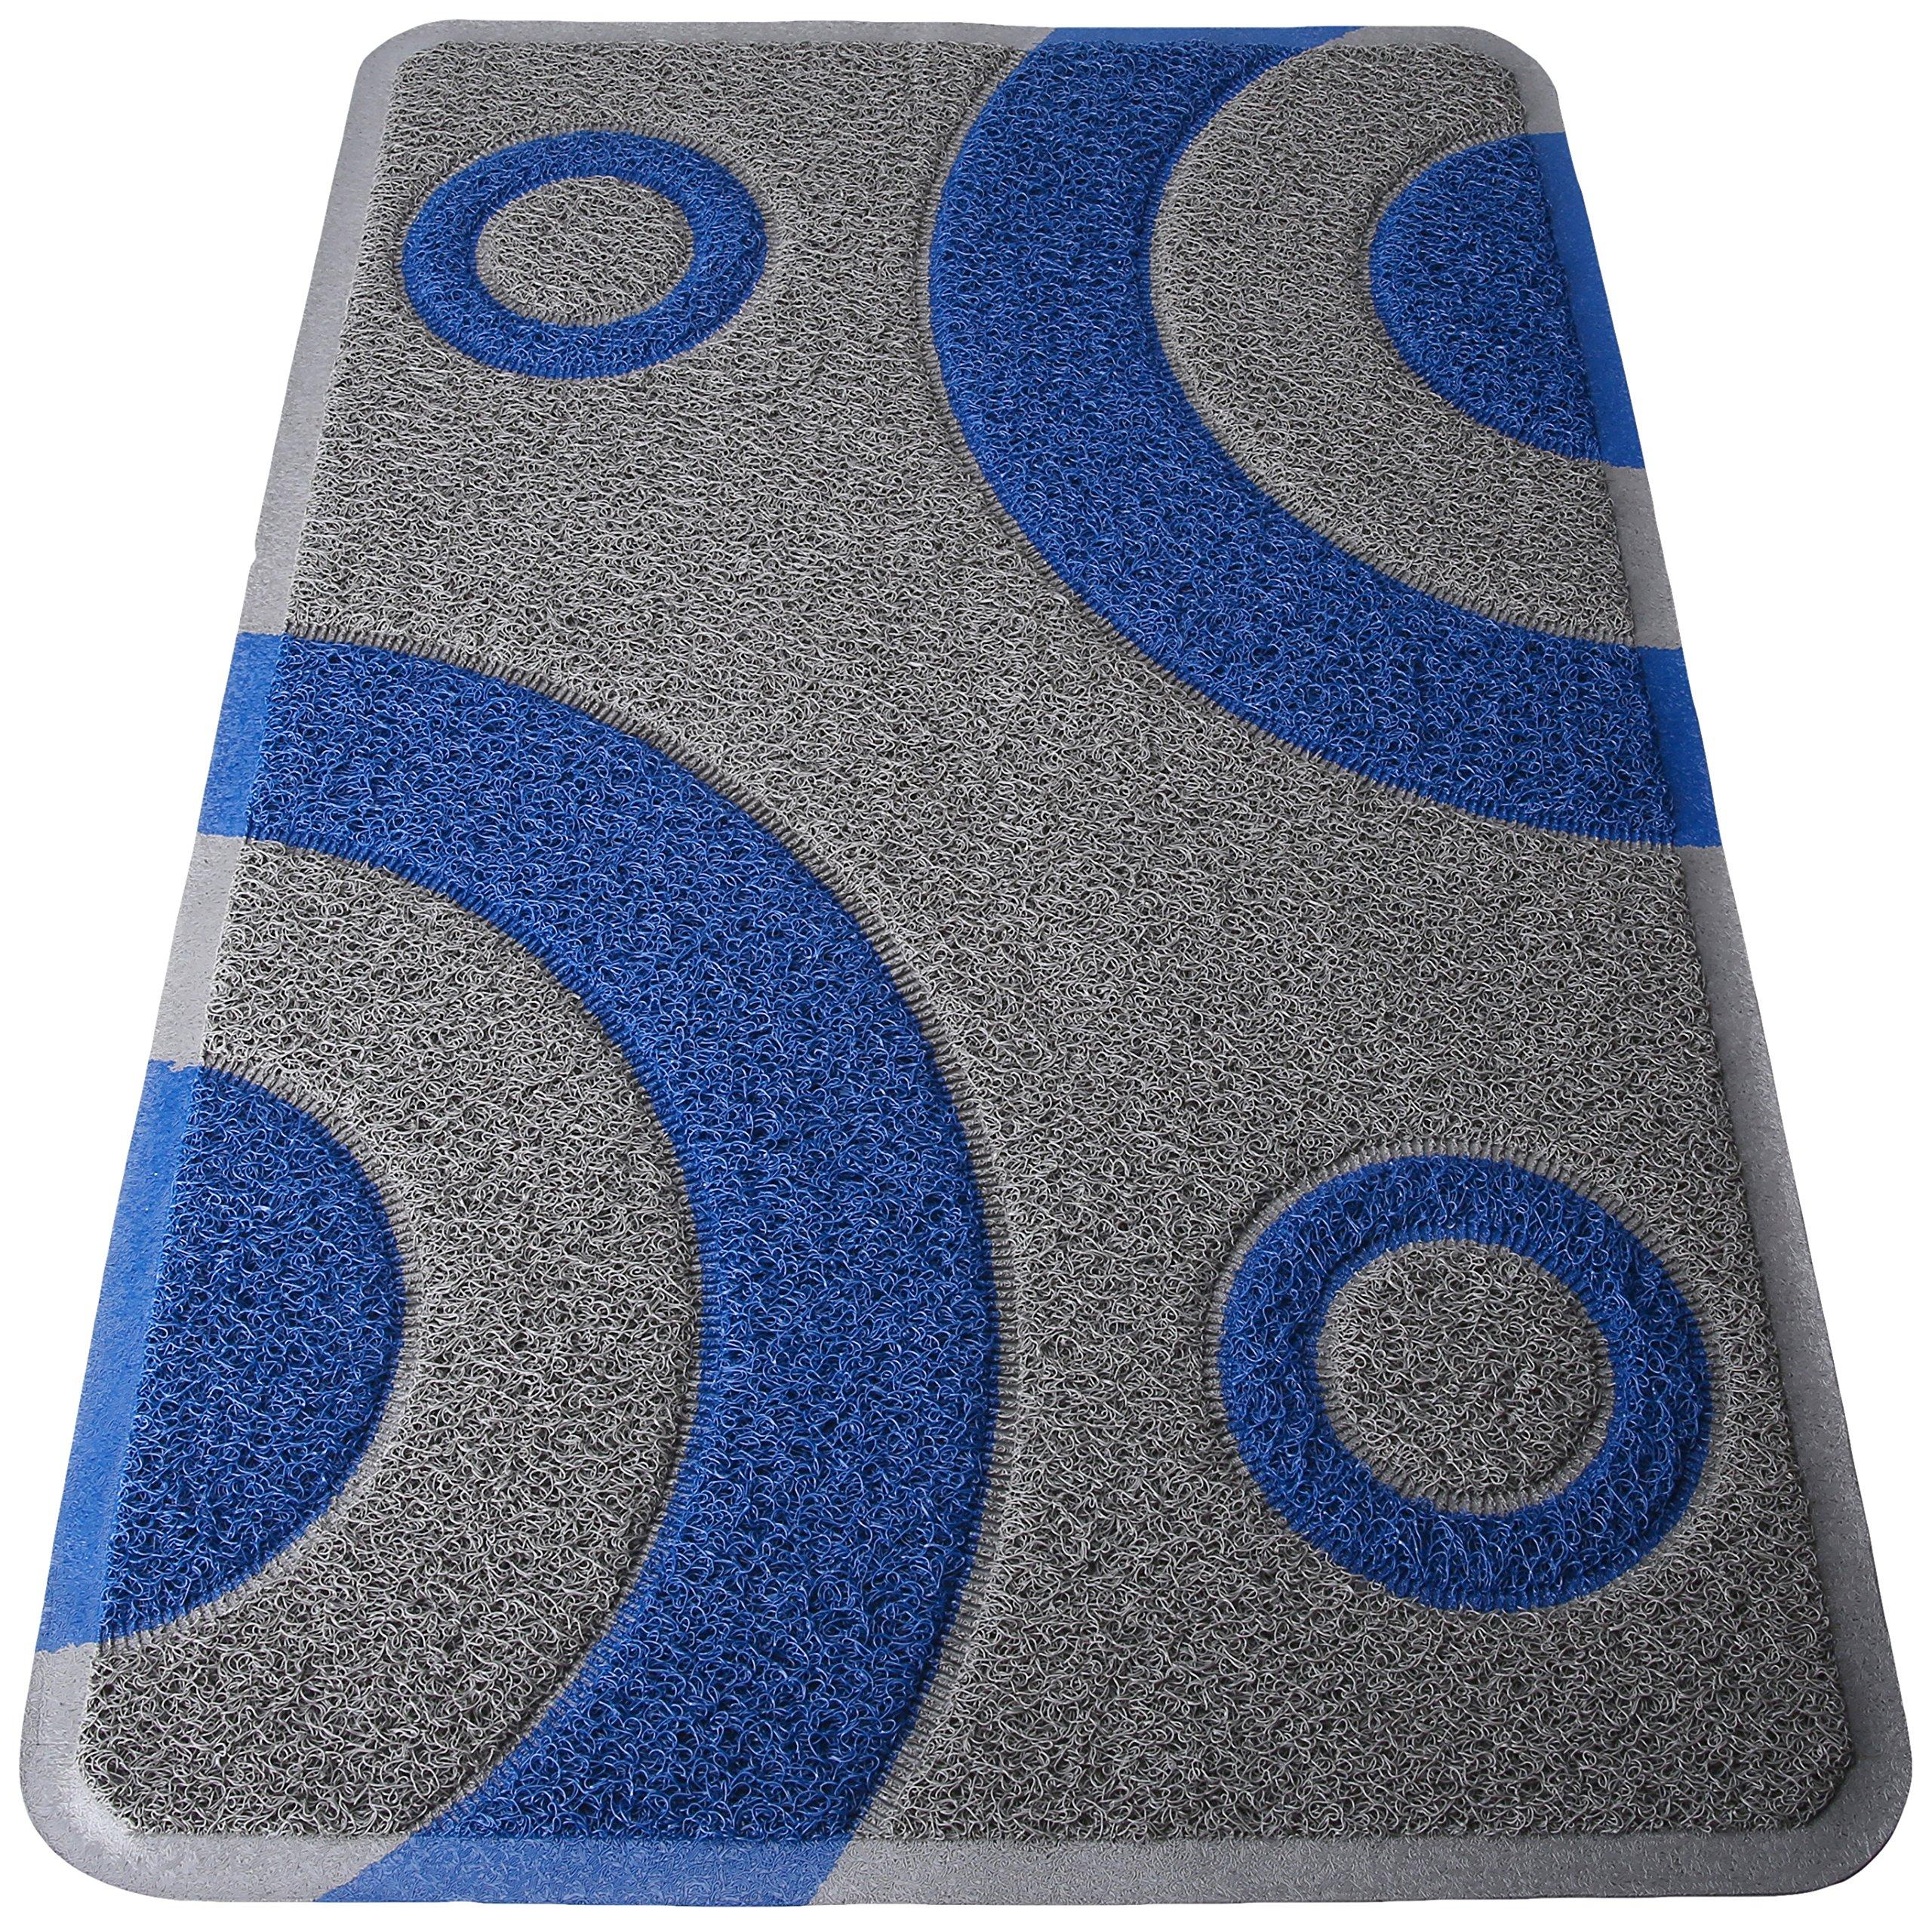 Smartcatcher Bullseye Cat Litter Mat Silver and Blue